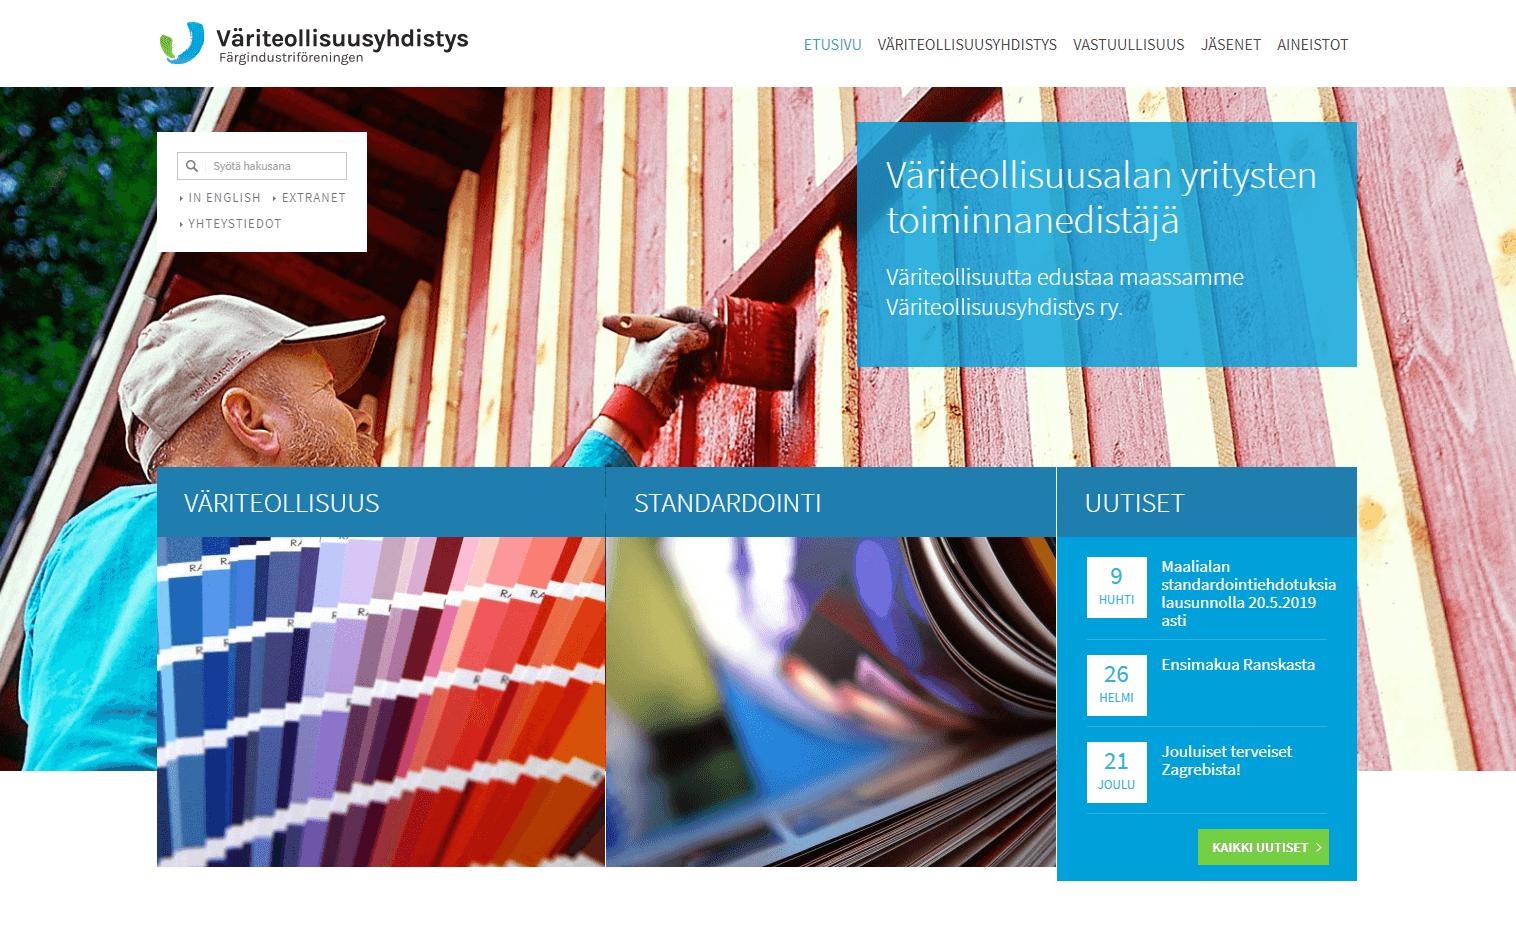 Väriteollisuusyhdistys - organisaatioilme